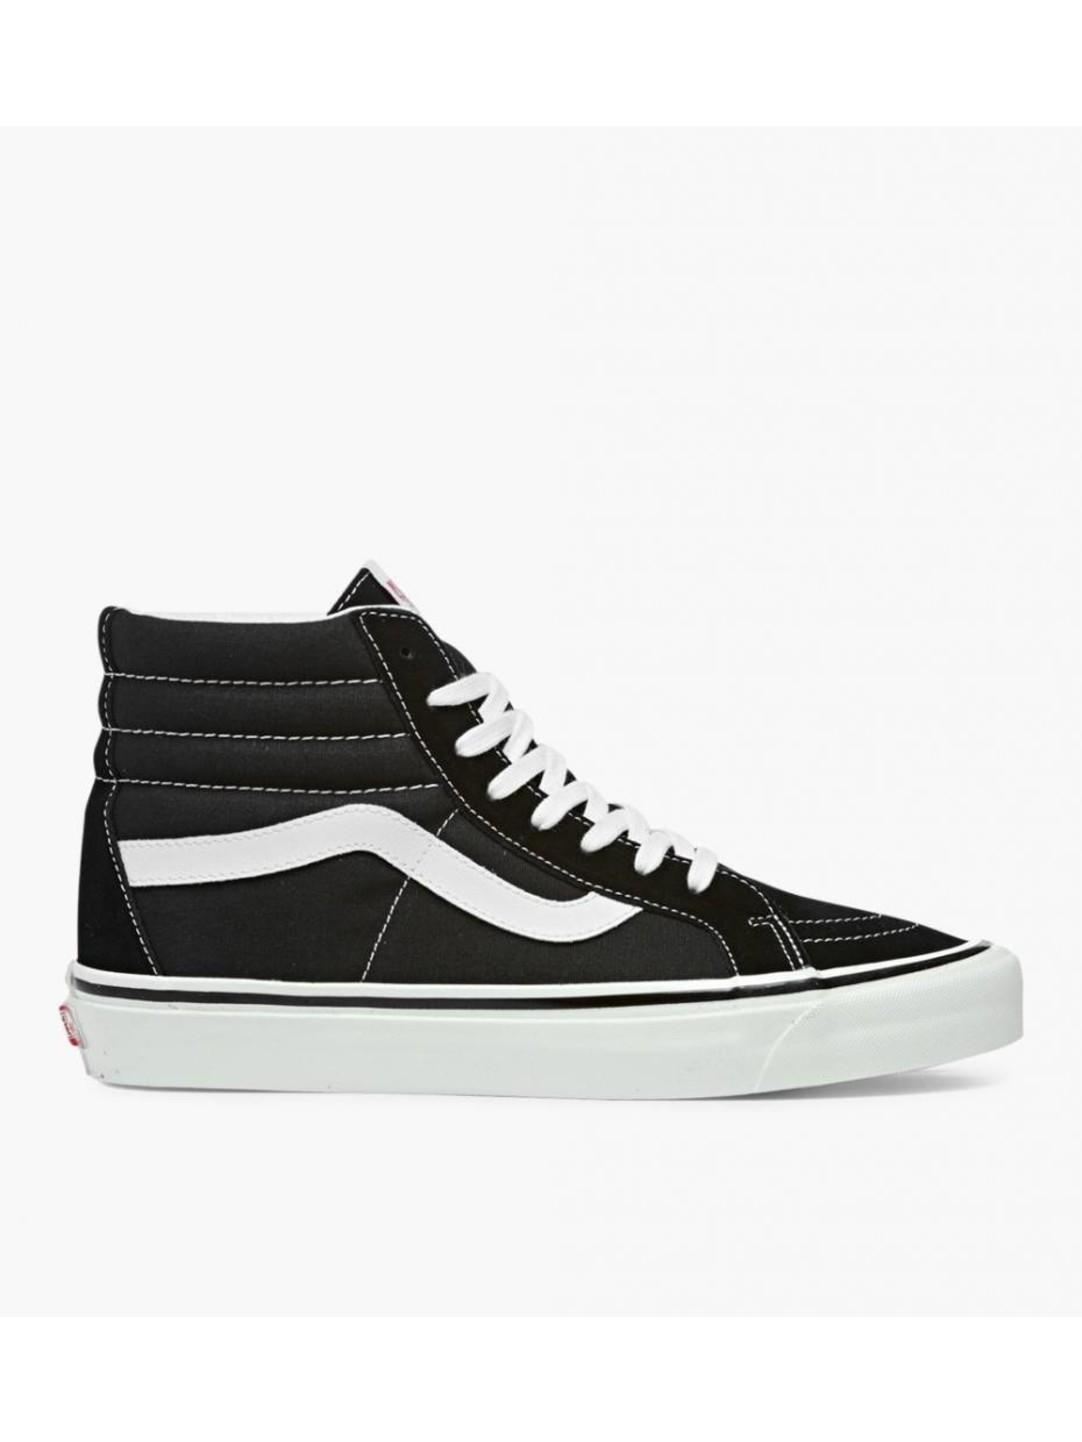 Vans SK8-Hi 38 DX (ANAHEIM) Black White